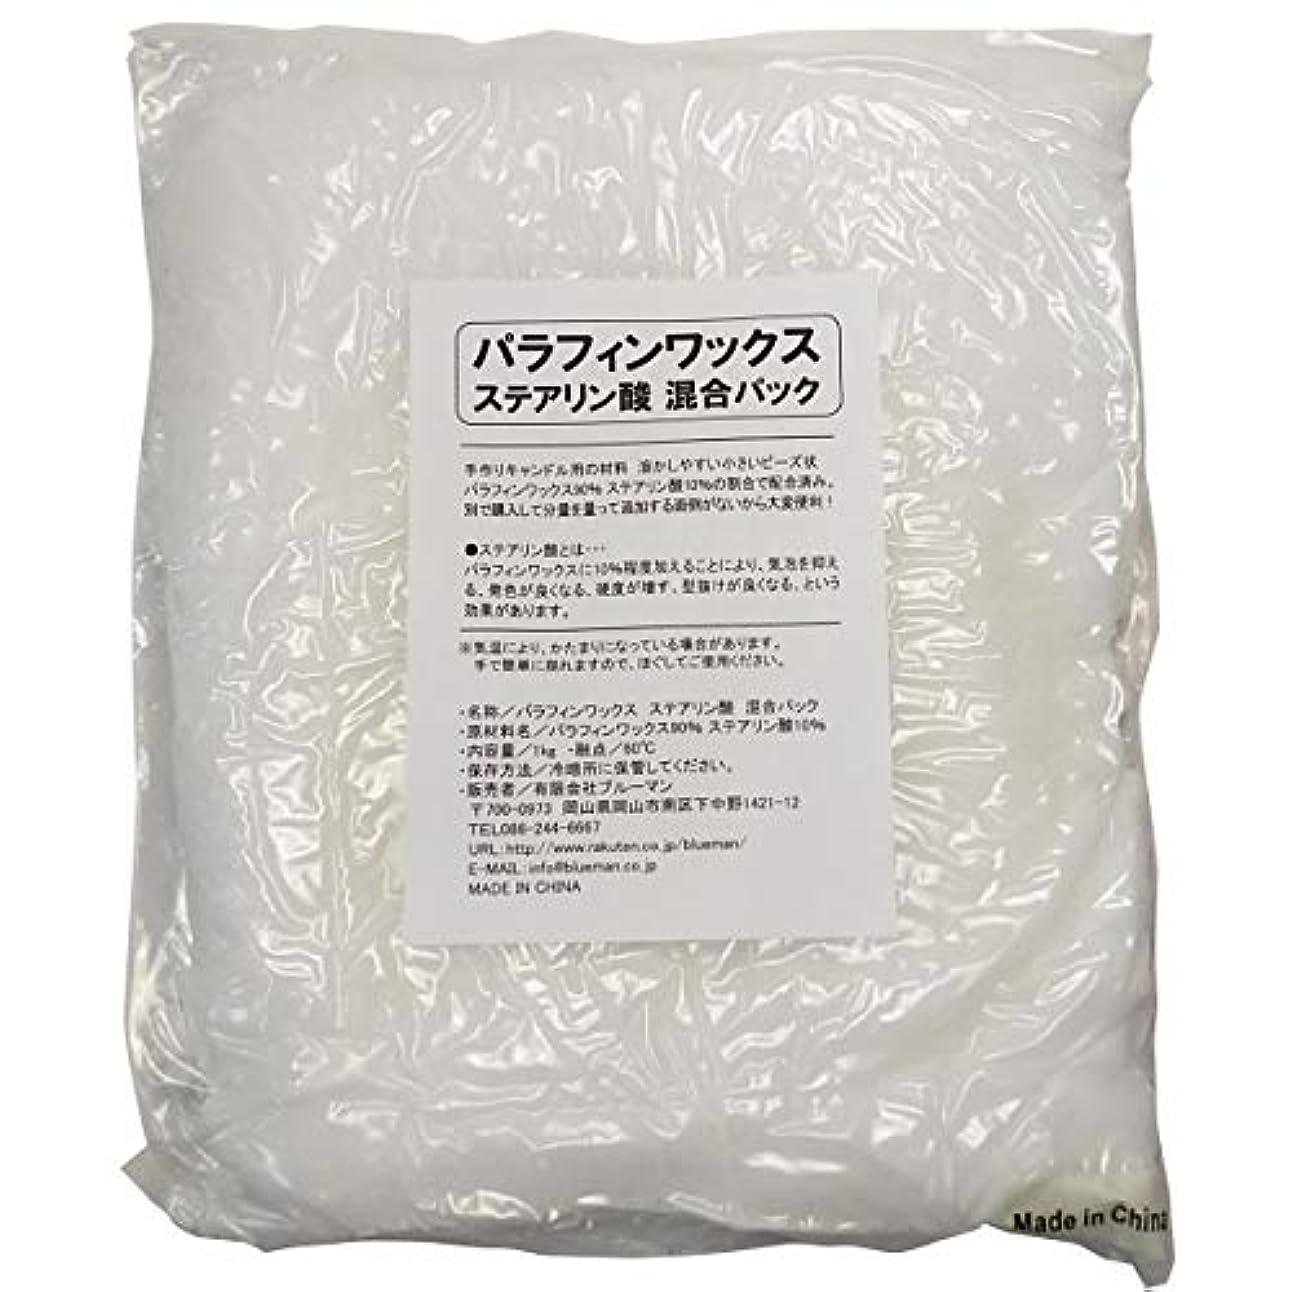 戦士ほめるスケートパラフィンワックス ステアリン酸 混合パック 1kg 手作りキャンドル 材料 1キロ アロマワックスサシェ